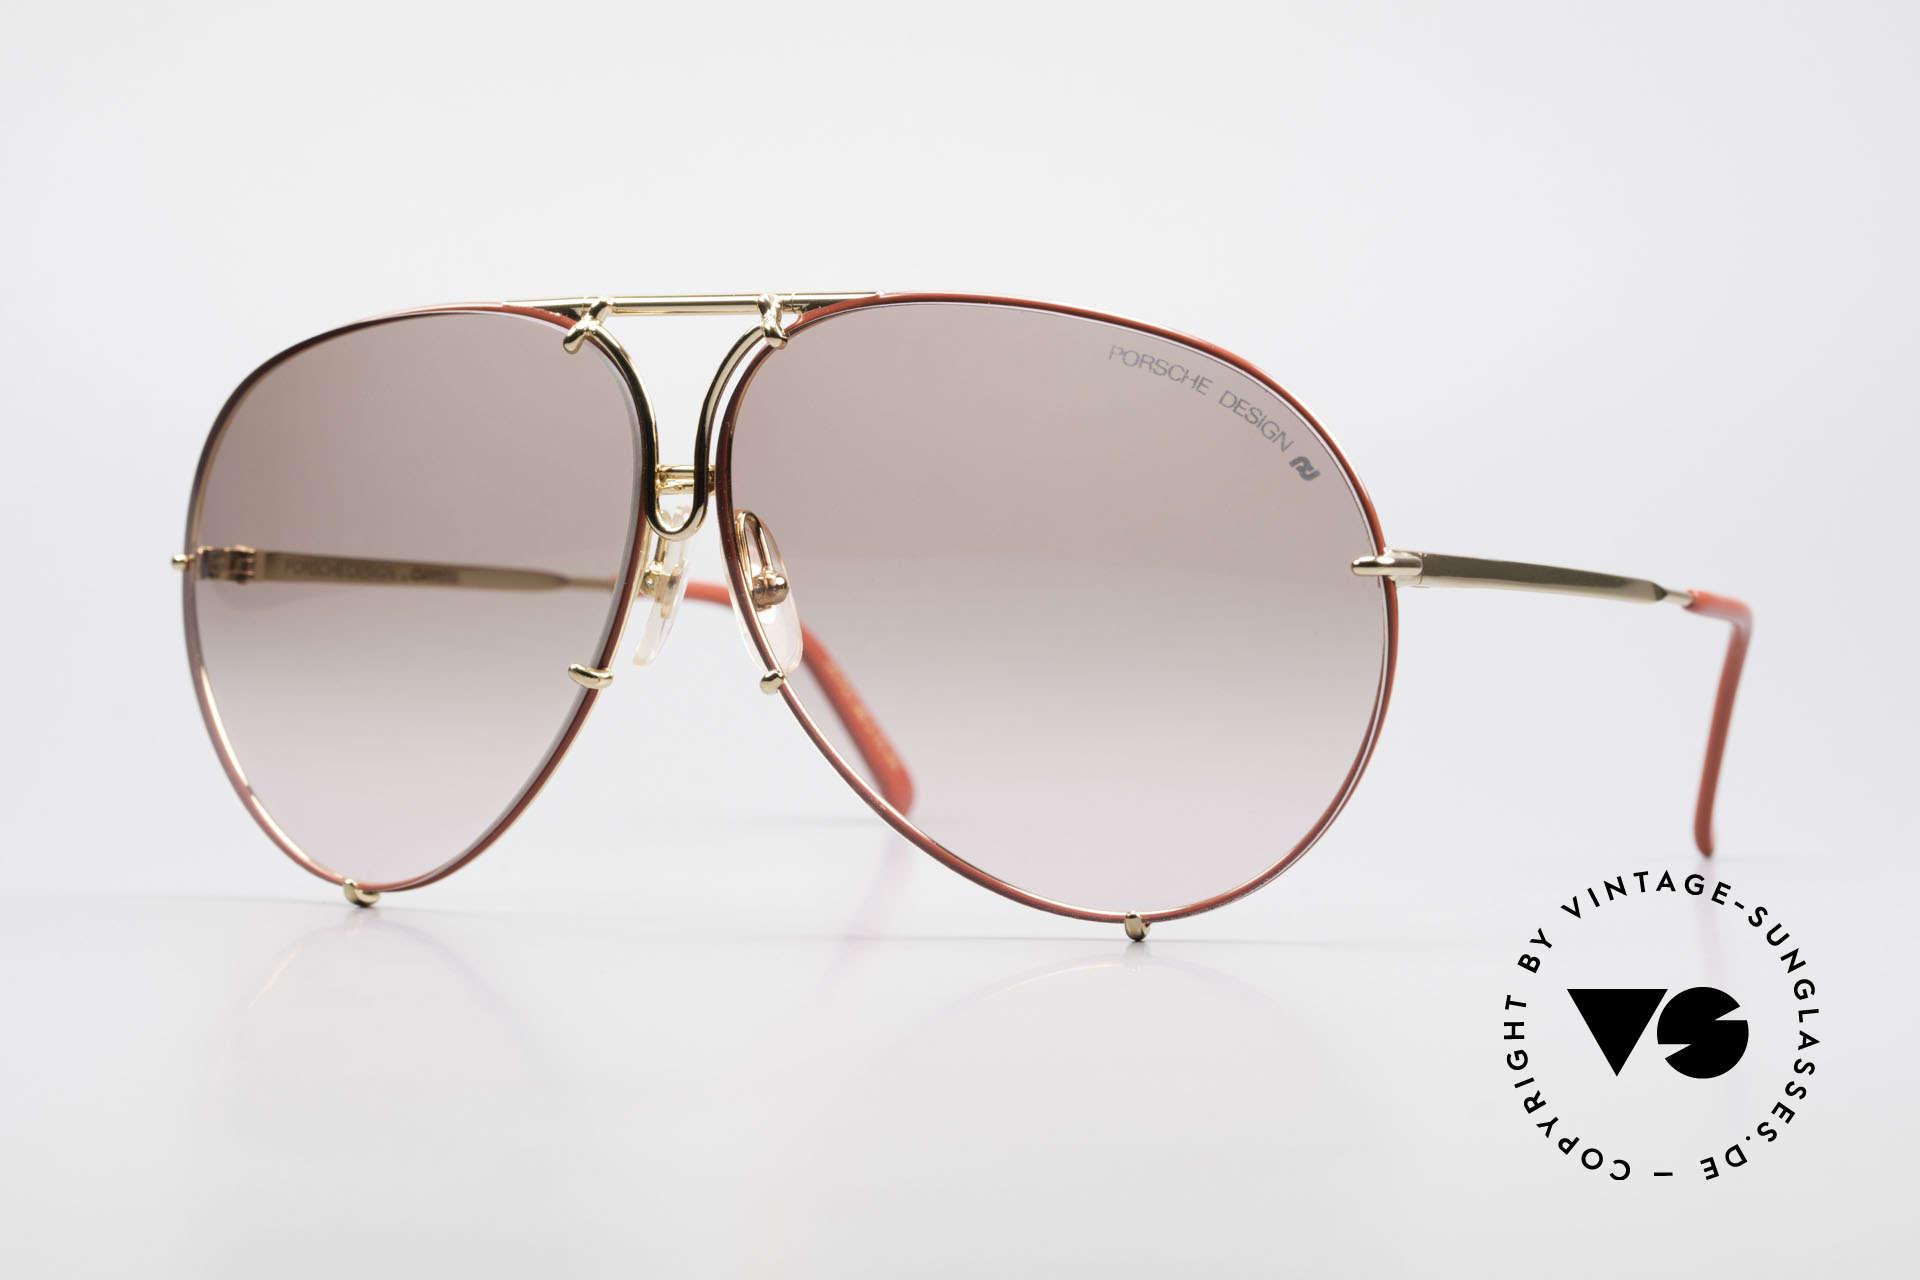 Porsche 5621 Rare 80er Brille Sonderedition, alte 80er Porsche Sonnenbrille, LIMITED EDITION, Passend für Herren und Damen